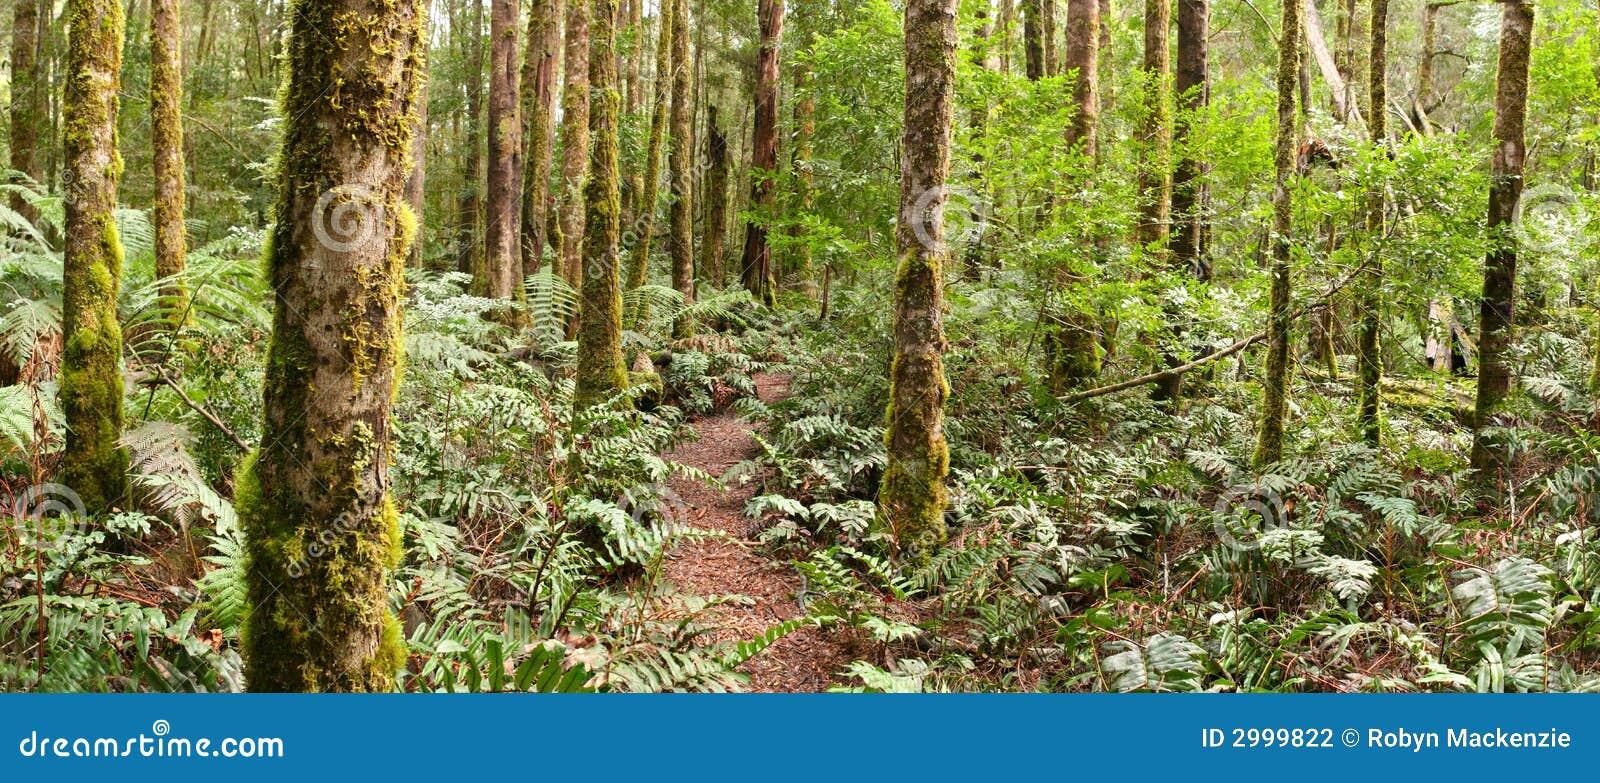 Panorama della foresta